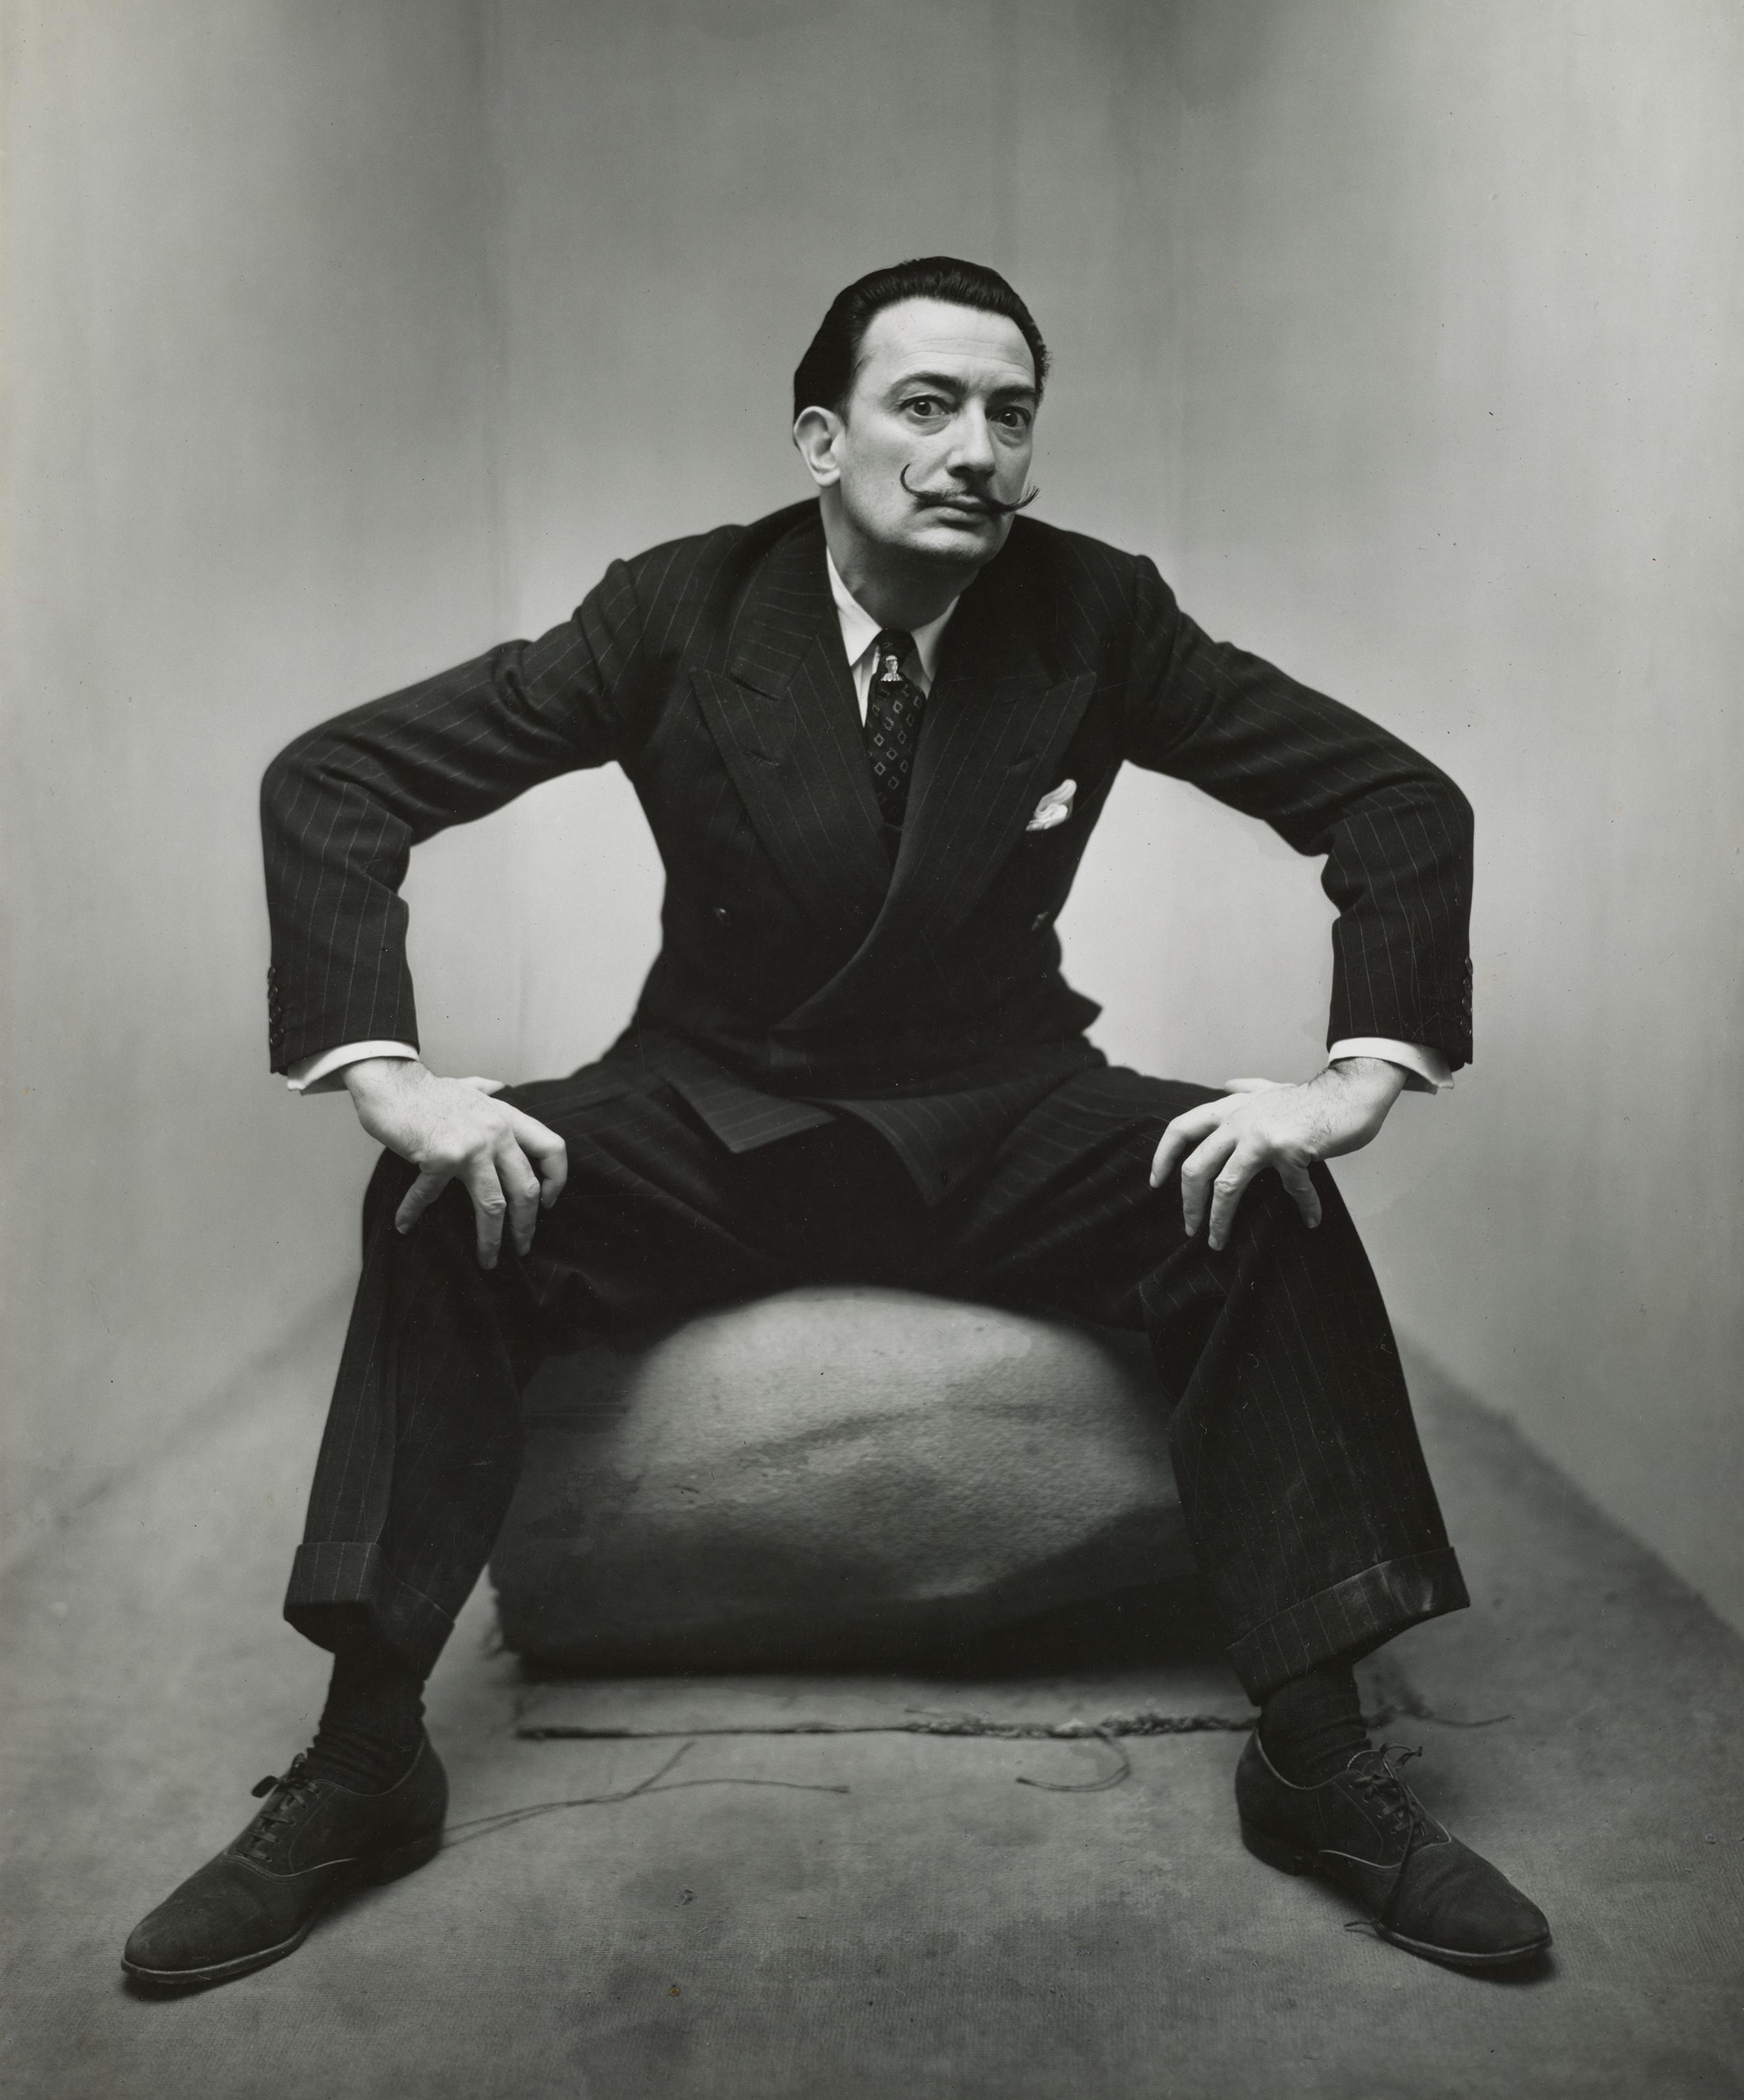 Irving Penn,  Salvador Dalí  ,  New York, 1947  ©  The Irving Penn Foundation